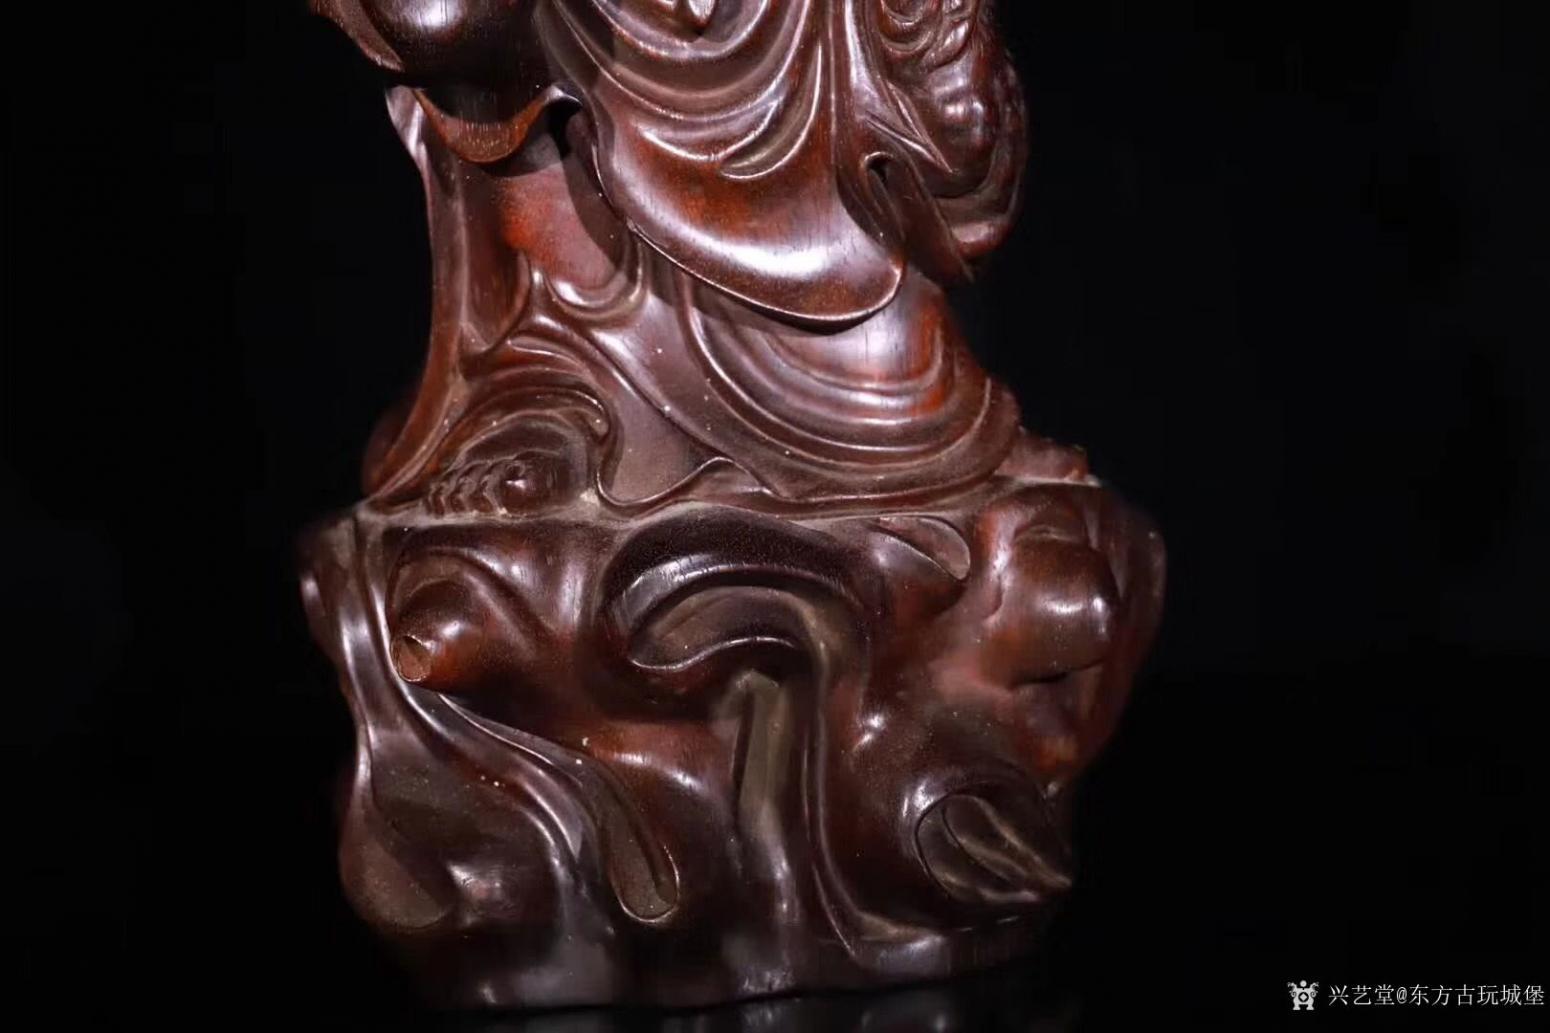 东方古玩城堡雕刻作品《紫檀木刘海戏金蟾》【图5】